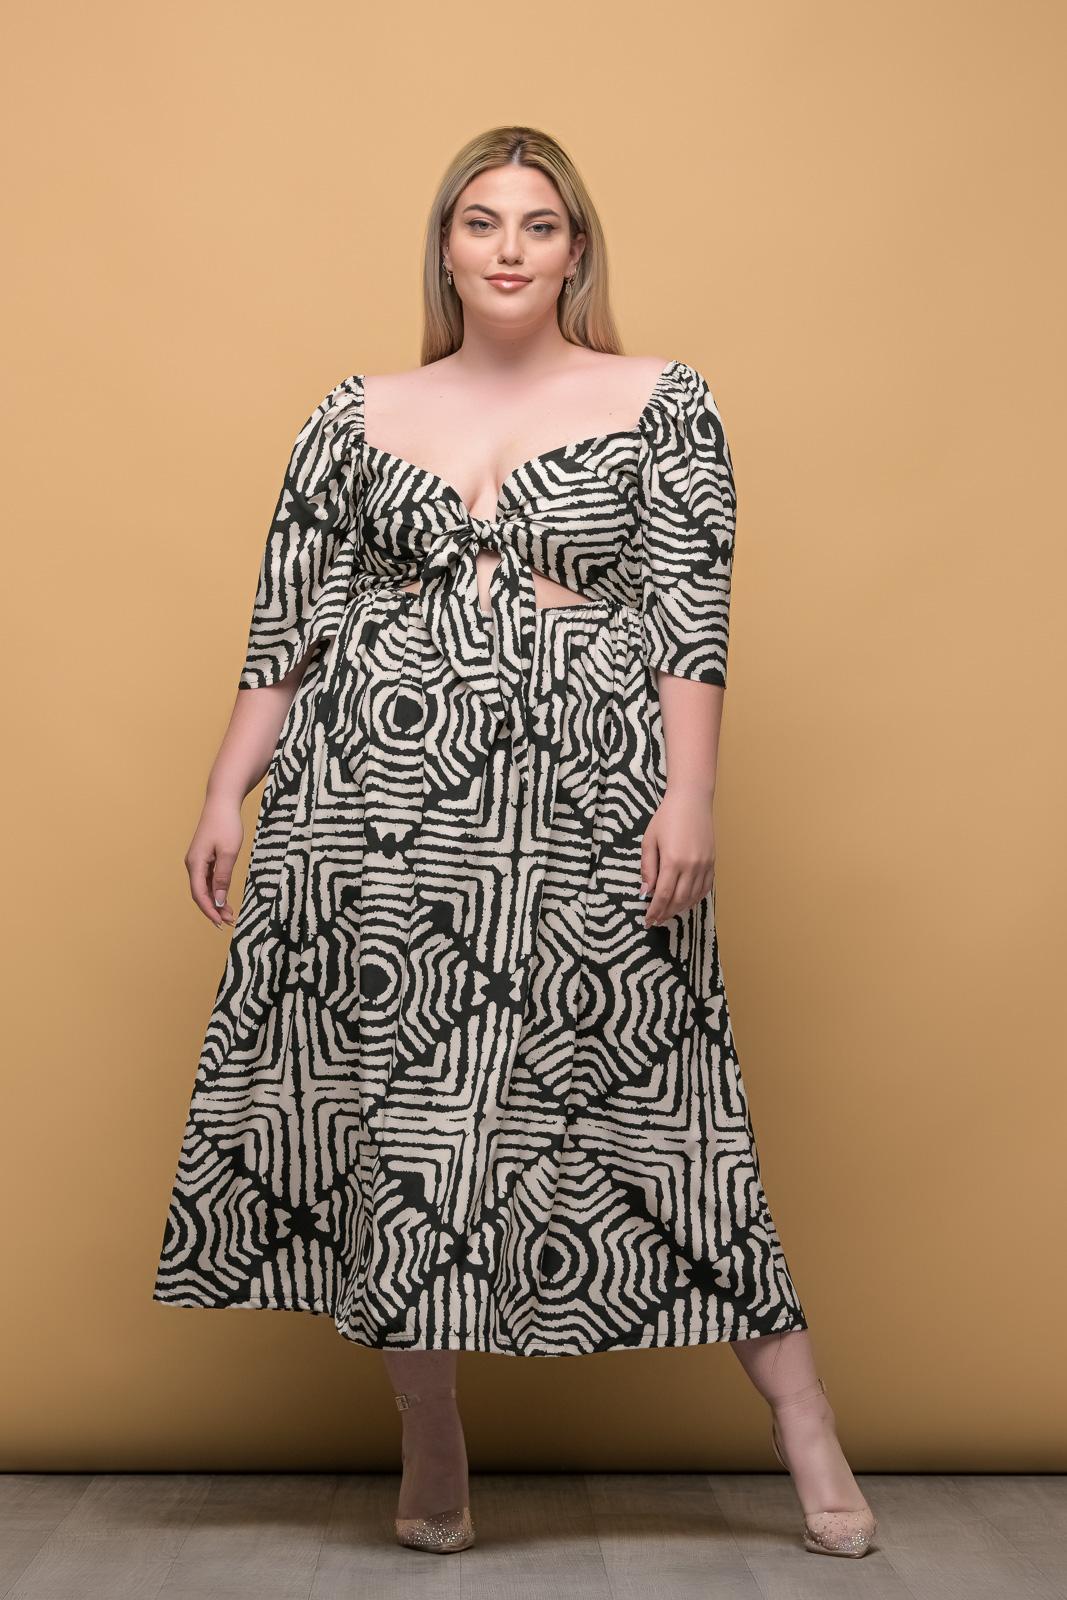 Φόρεμα μεγάλα μεγέθη εμπριμέ μαύρο με δέσιμο στο στήθος και λάστιχο στη .Στο eshop μας θα βρείτε οικονομικά γυναίκεια ρούχα σε μεγάλα μεγέθη και υπερμεγέθη.